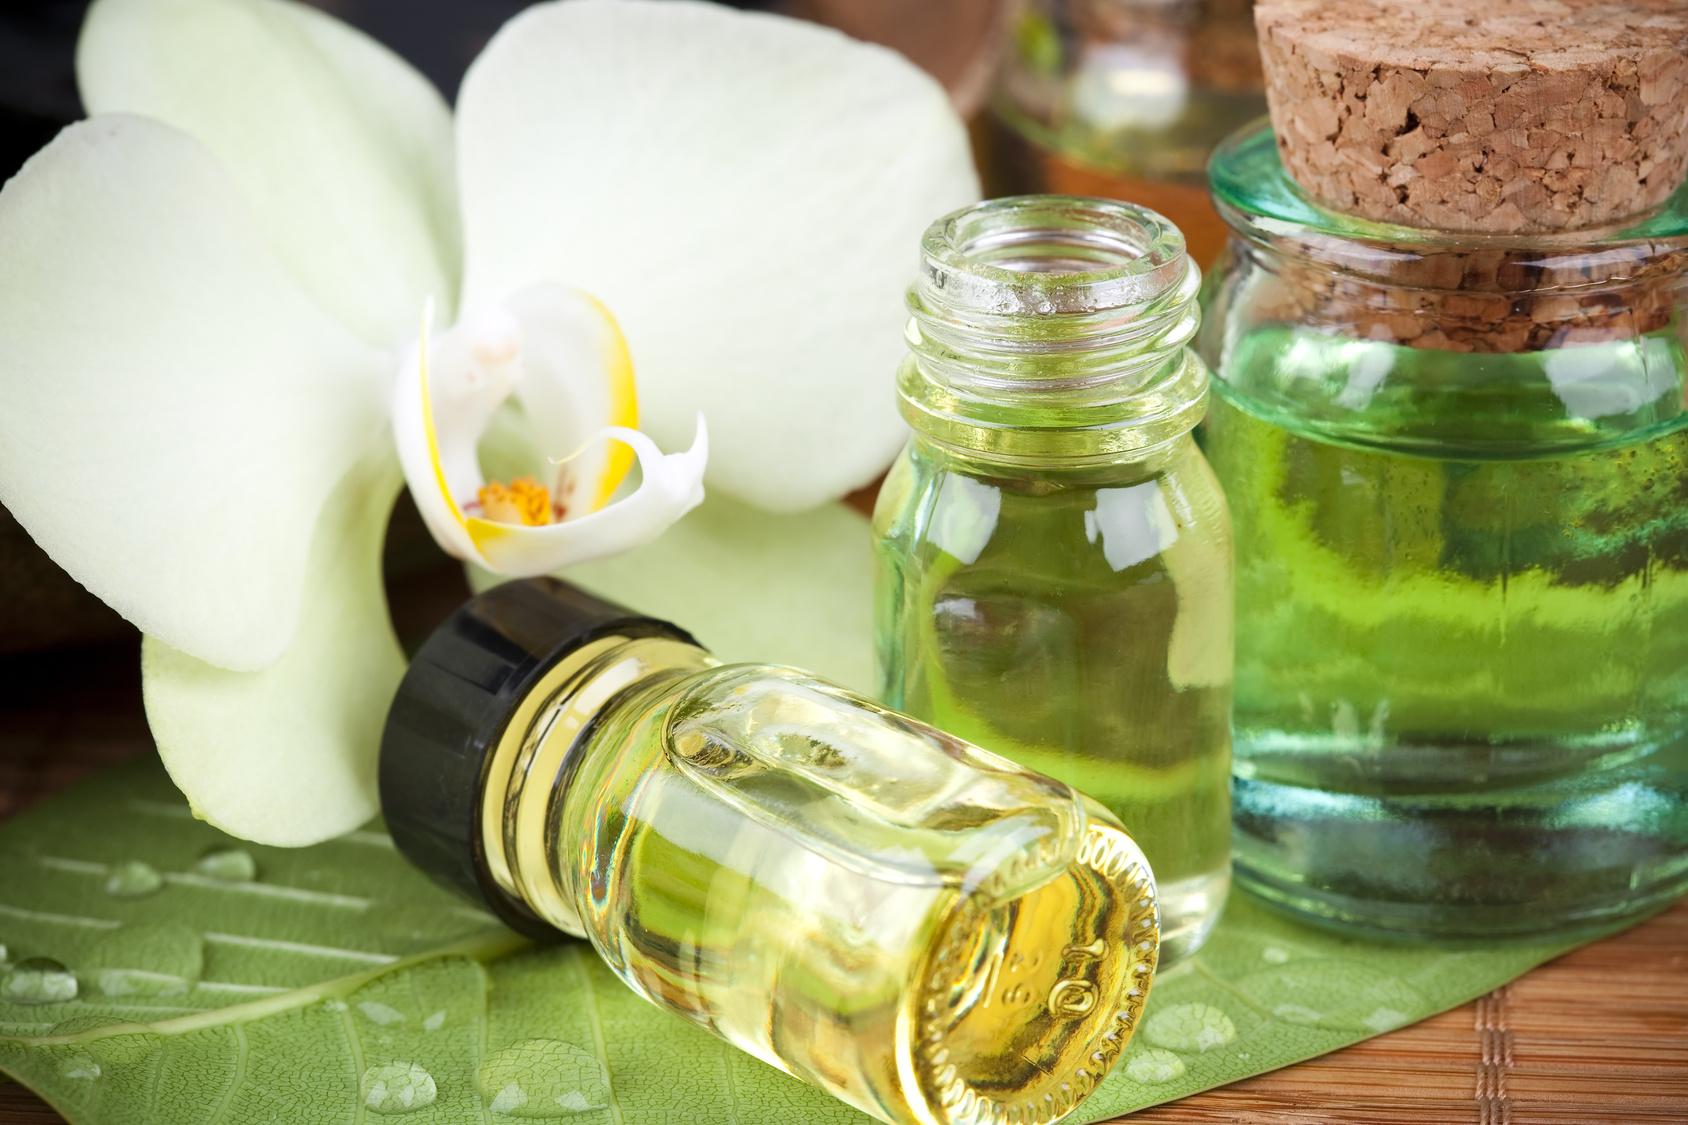 Духи - как сделать своими руками (рецепты парфюма в домашних условиях)?